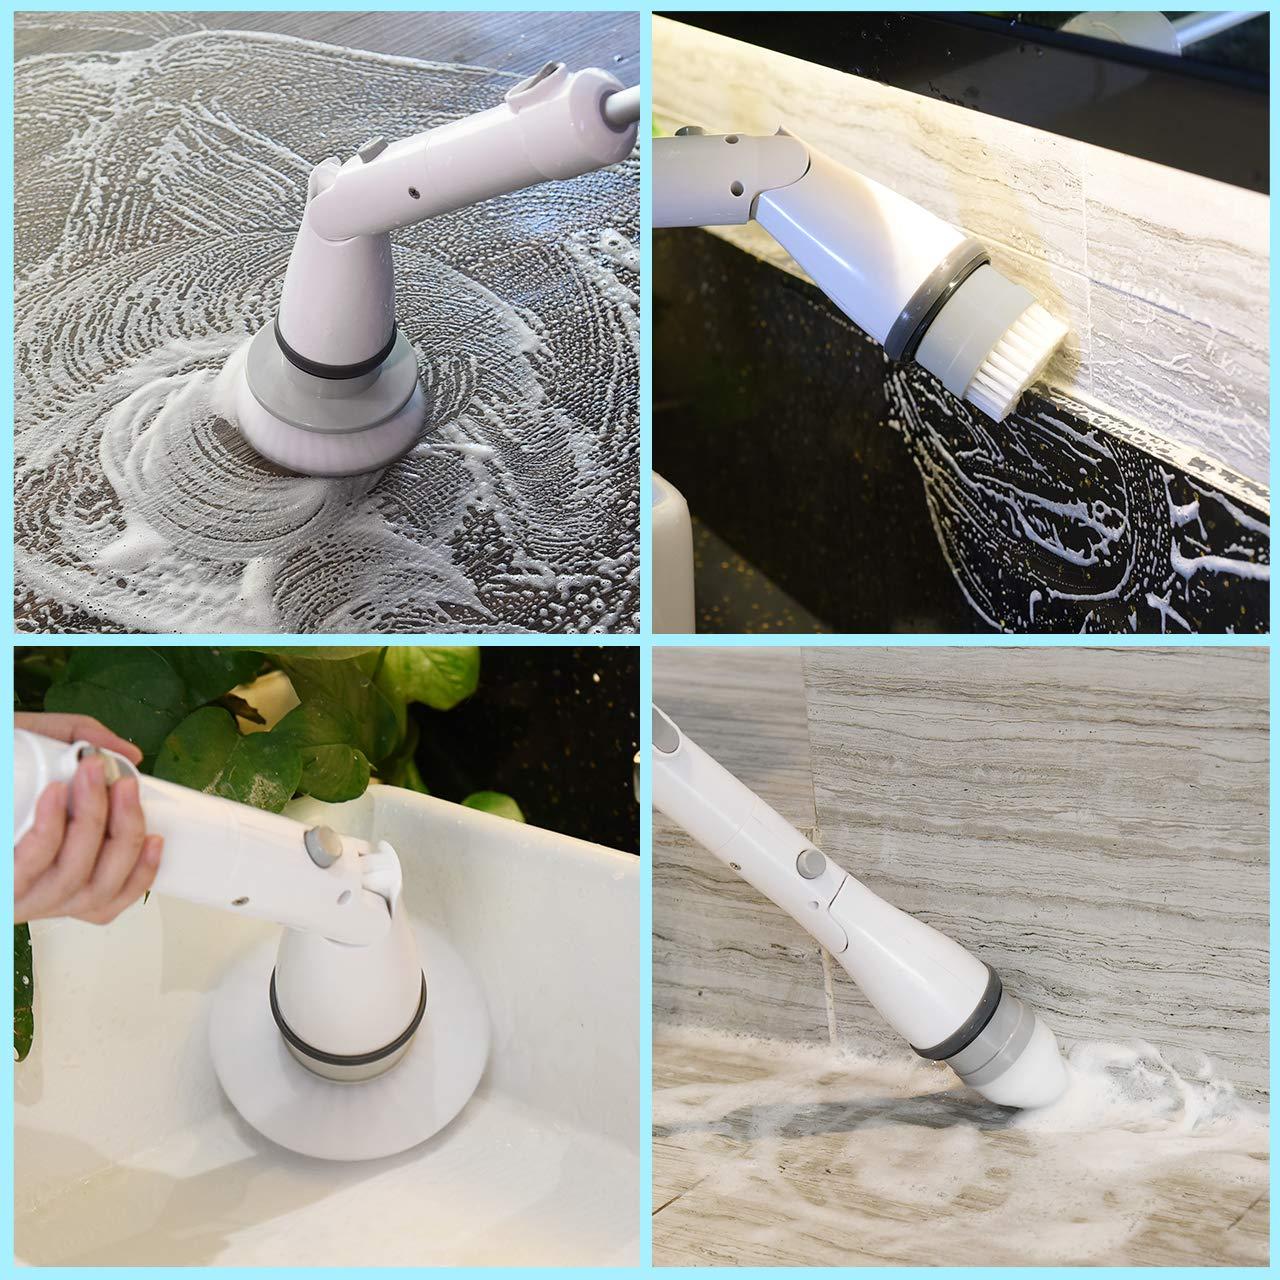 Joints Sol Spin Scrubber pour Salle de Bain Carreau Baignoire 1 Poign/ée dExtension Ajust/é Entre 60-108cm Brosse de Nettoyage /Électrique avec 4 Brosses Homitt Brosse Rotative Nettoyage